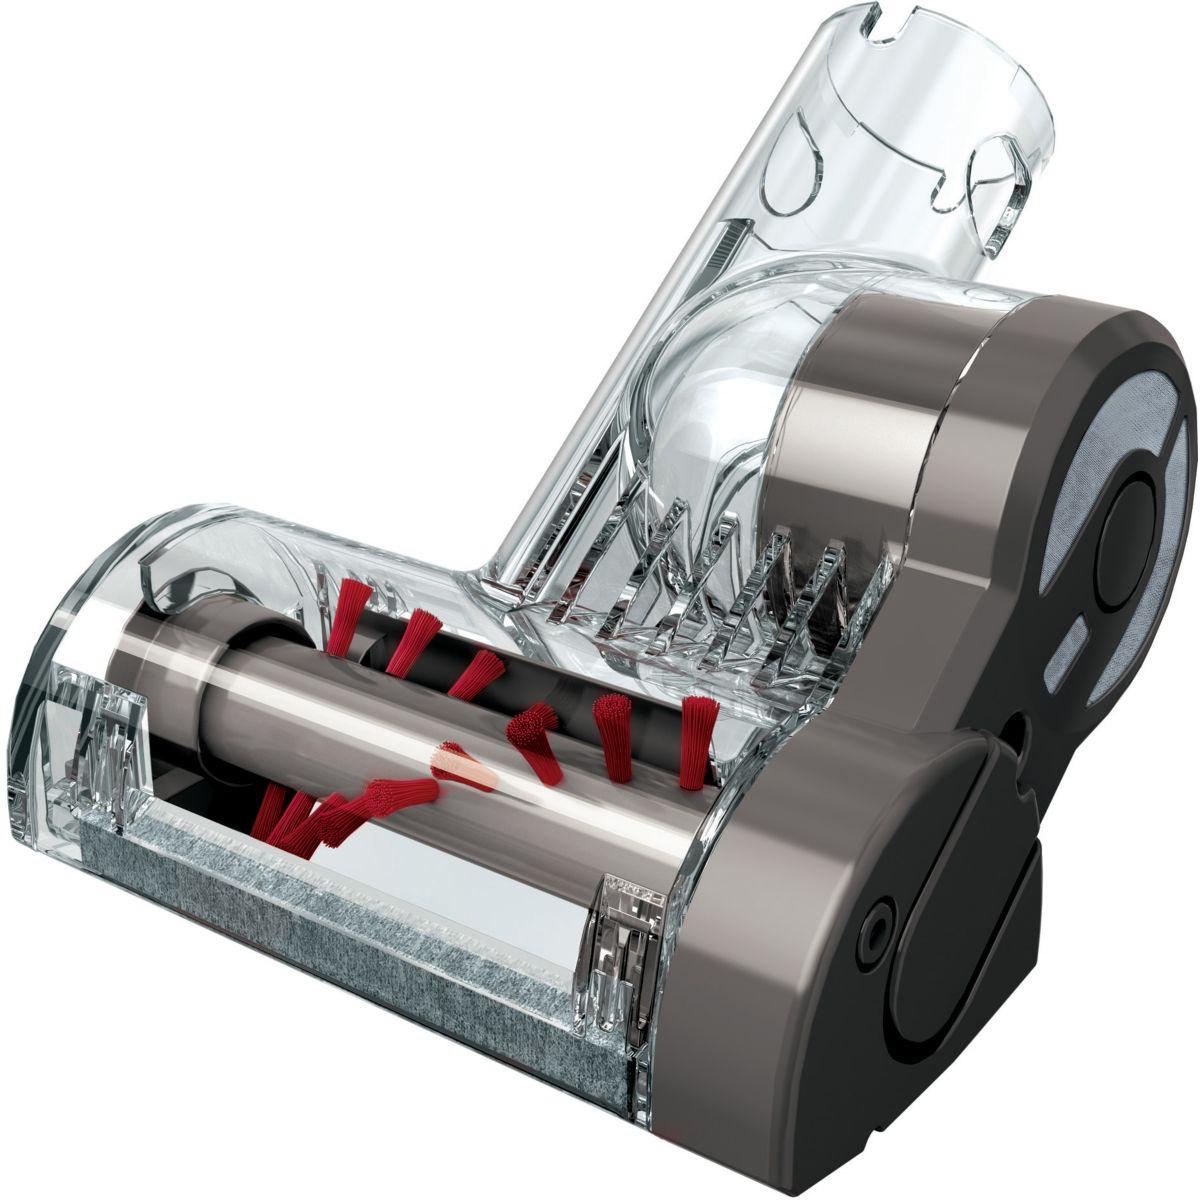 Turbobrosse dyson mini turbo brosse - 20% de remise immédiate avec le code : pam20